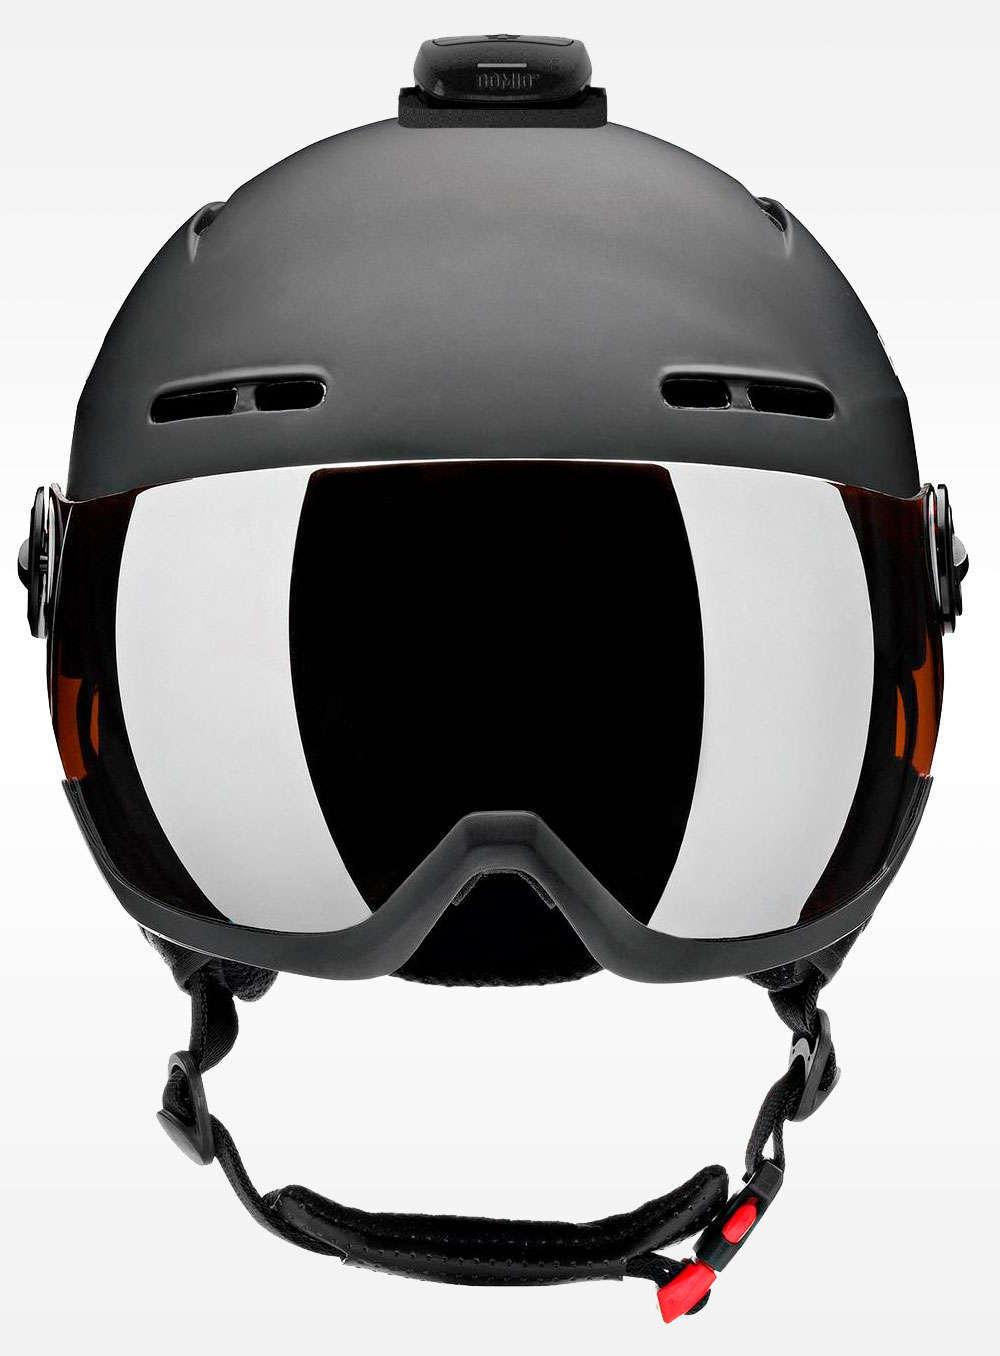 Domio, un dispositivo que transforma cualquier casco en un completo sistema de sonido